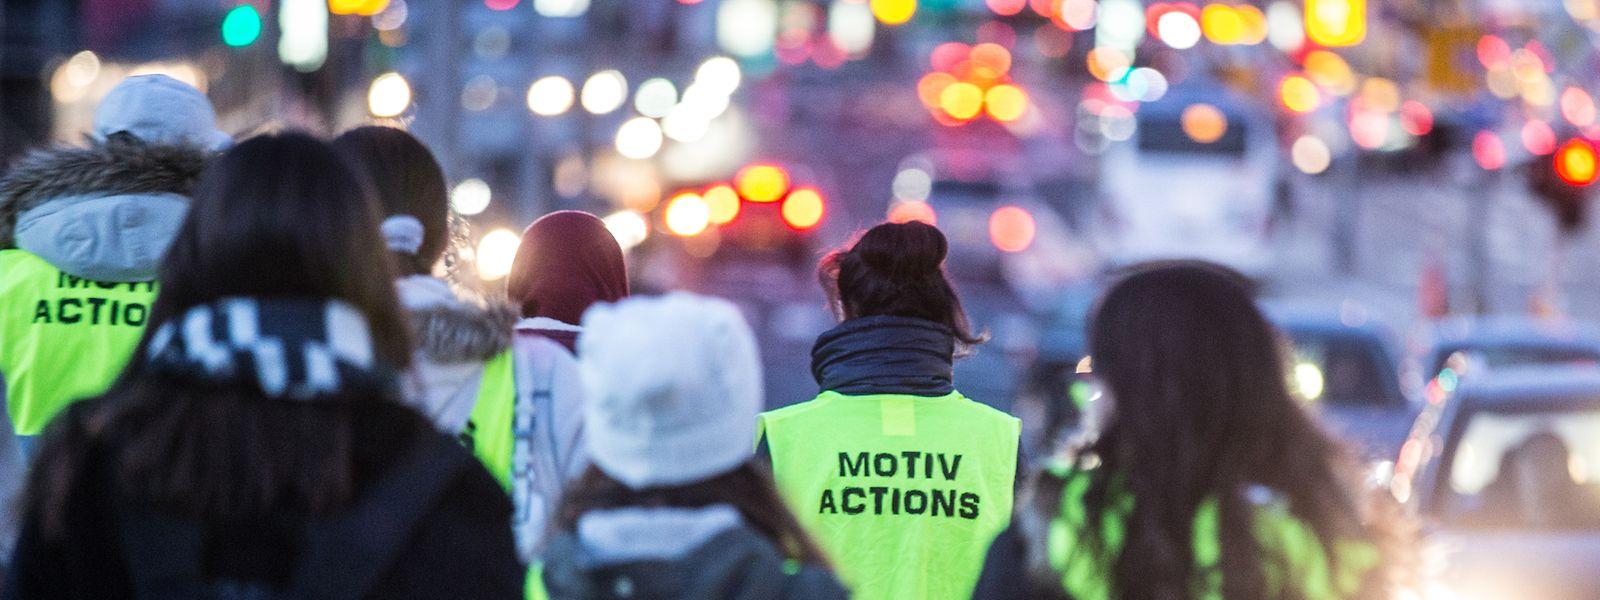 Die Tour von Motiv-actions startet in Bonneweg, von dort aus geht es ins Bahnhofsviertel und schließlich in die Oberstadt.